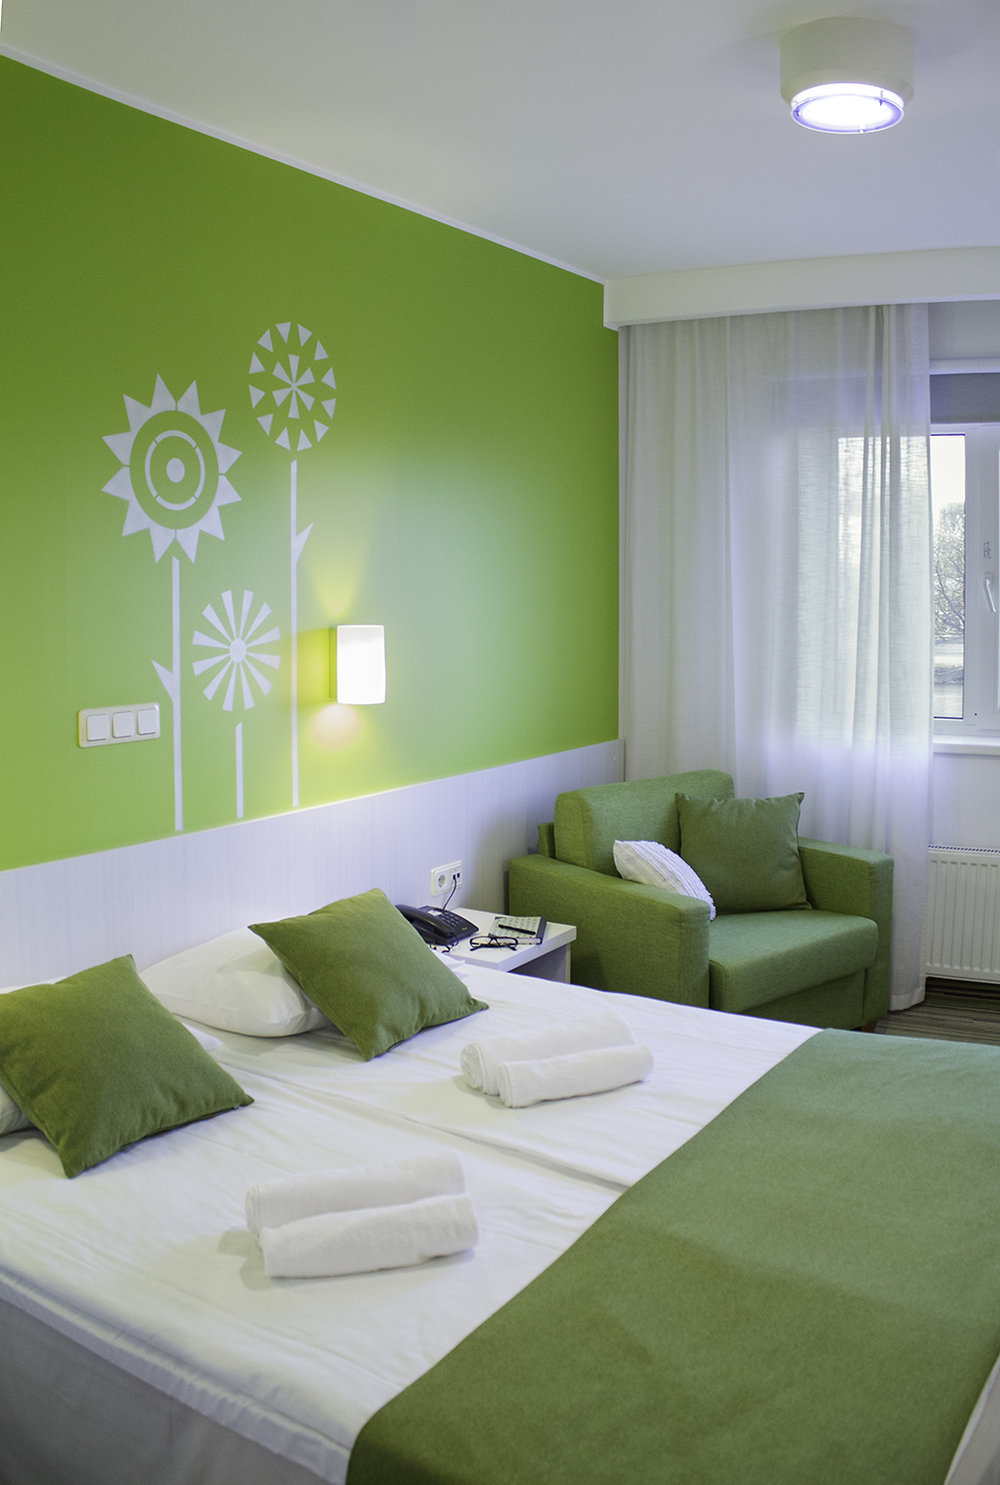 Sisustusarkkitehtuuri_galleria_Express Hotel_2.jpg